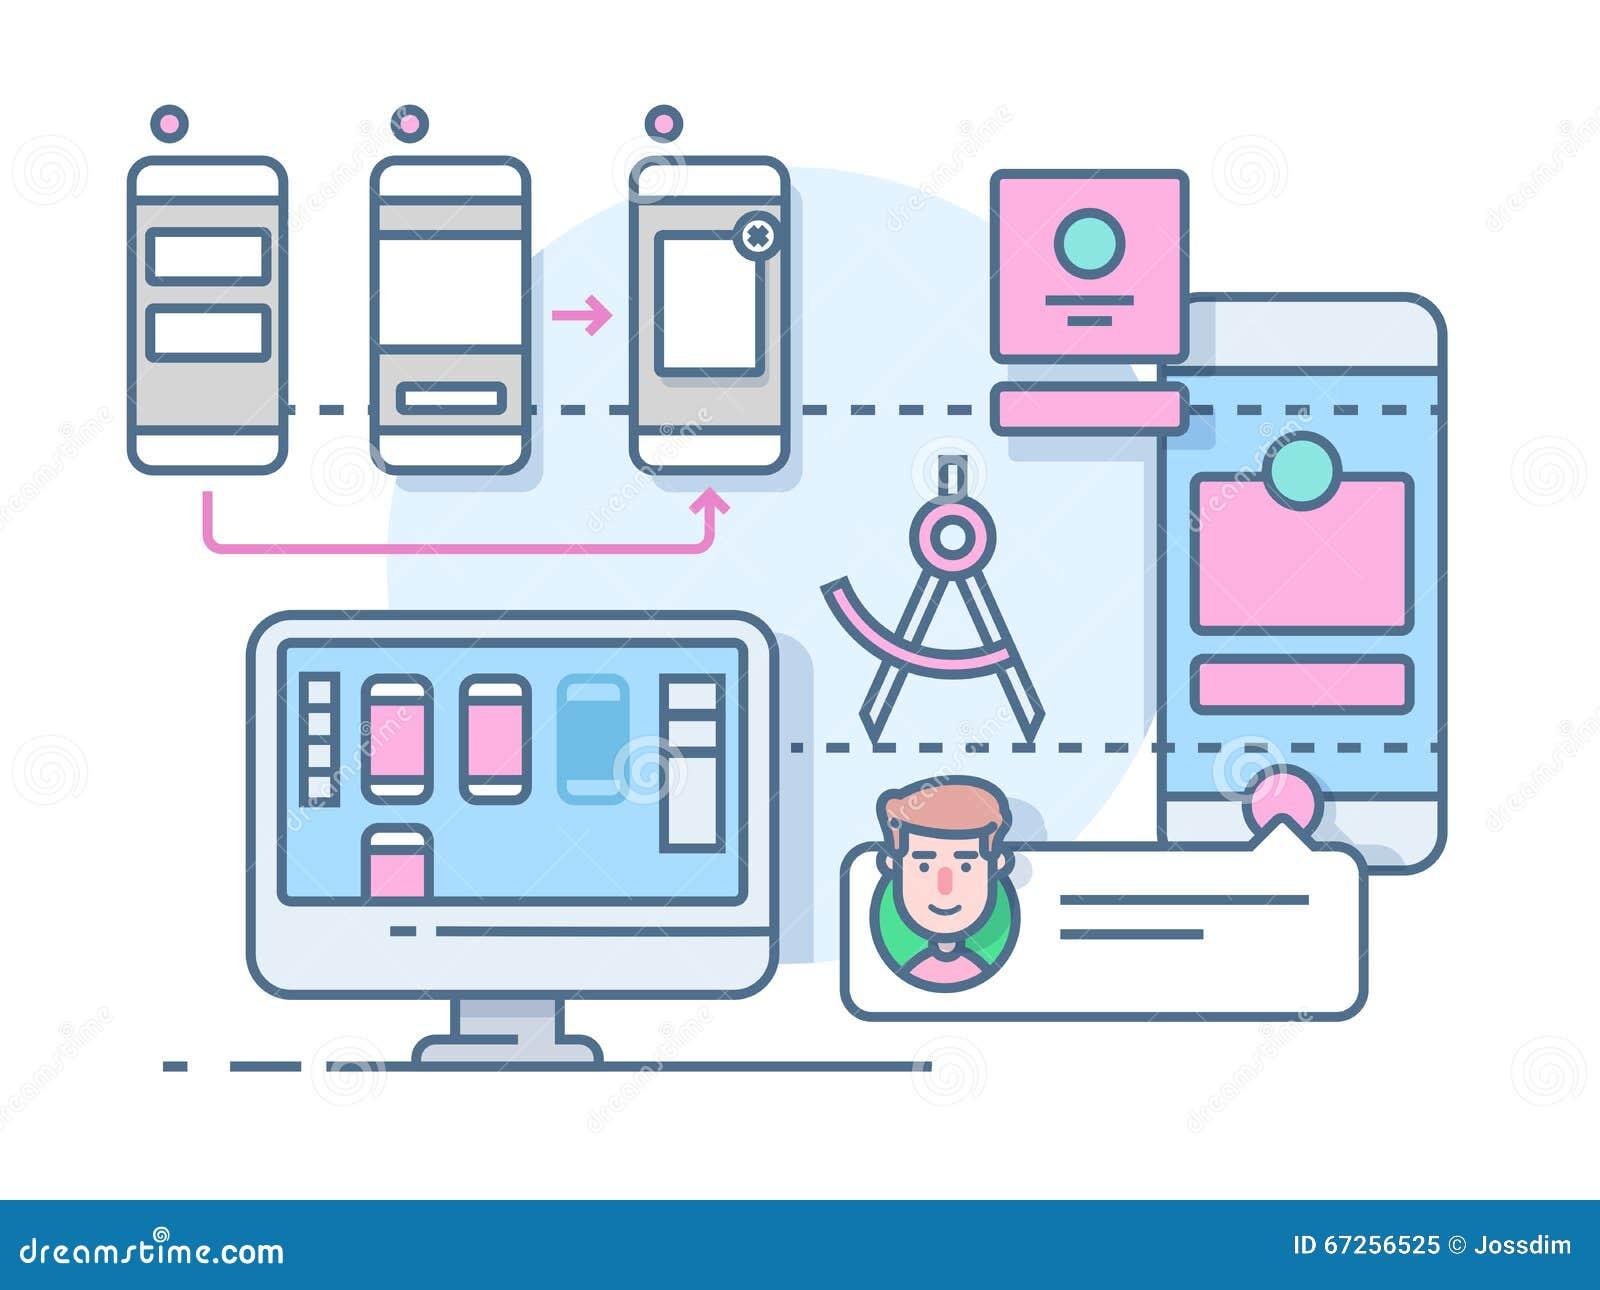 UX UI design flat